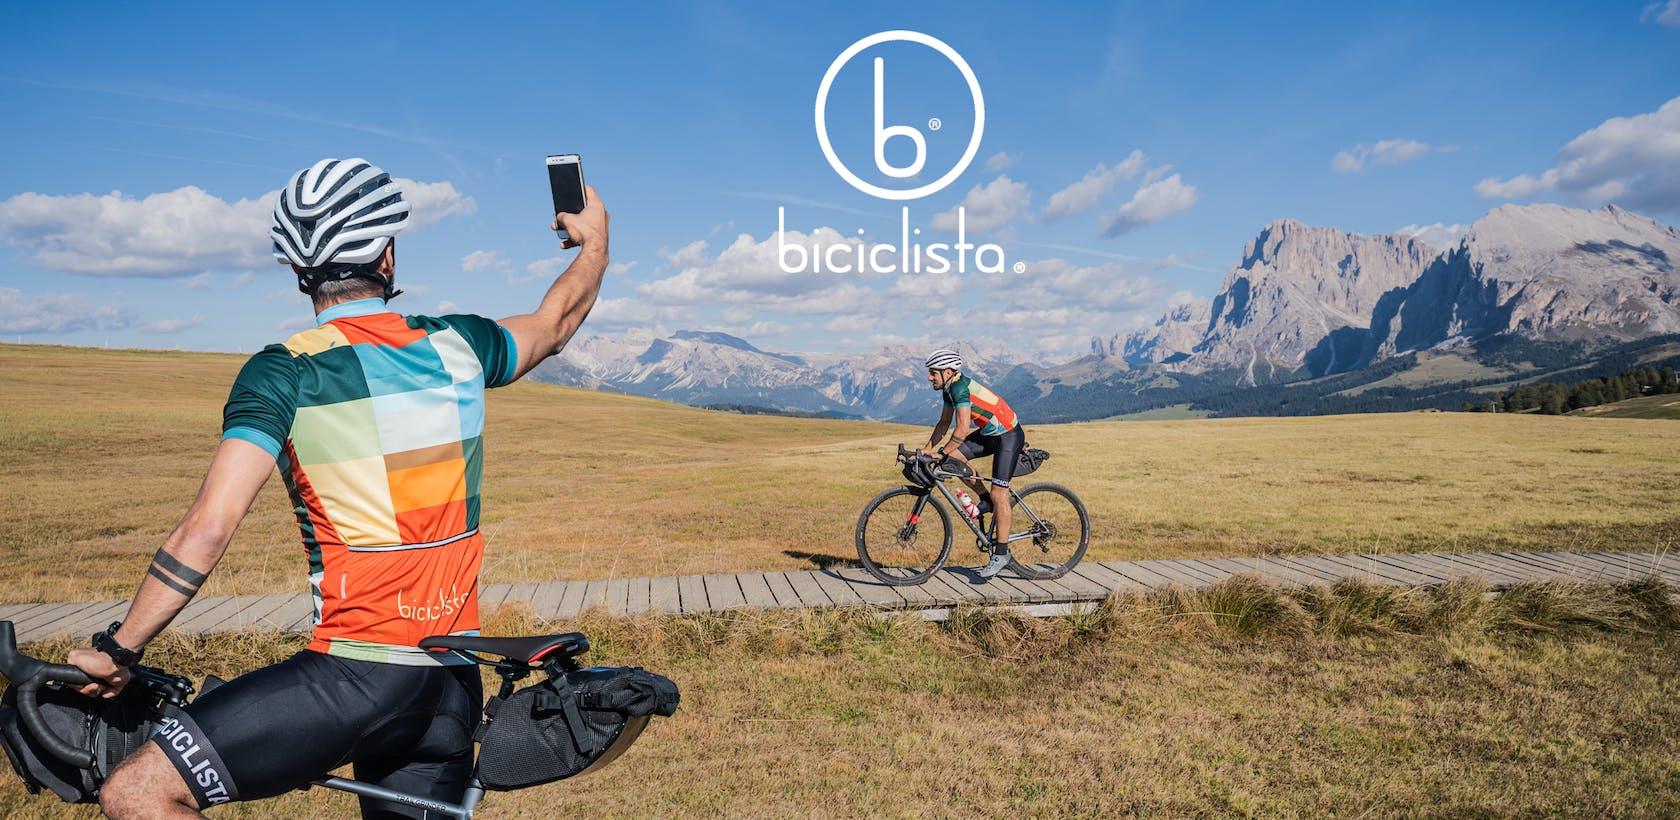 Bicilista - eine Frage des Styles